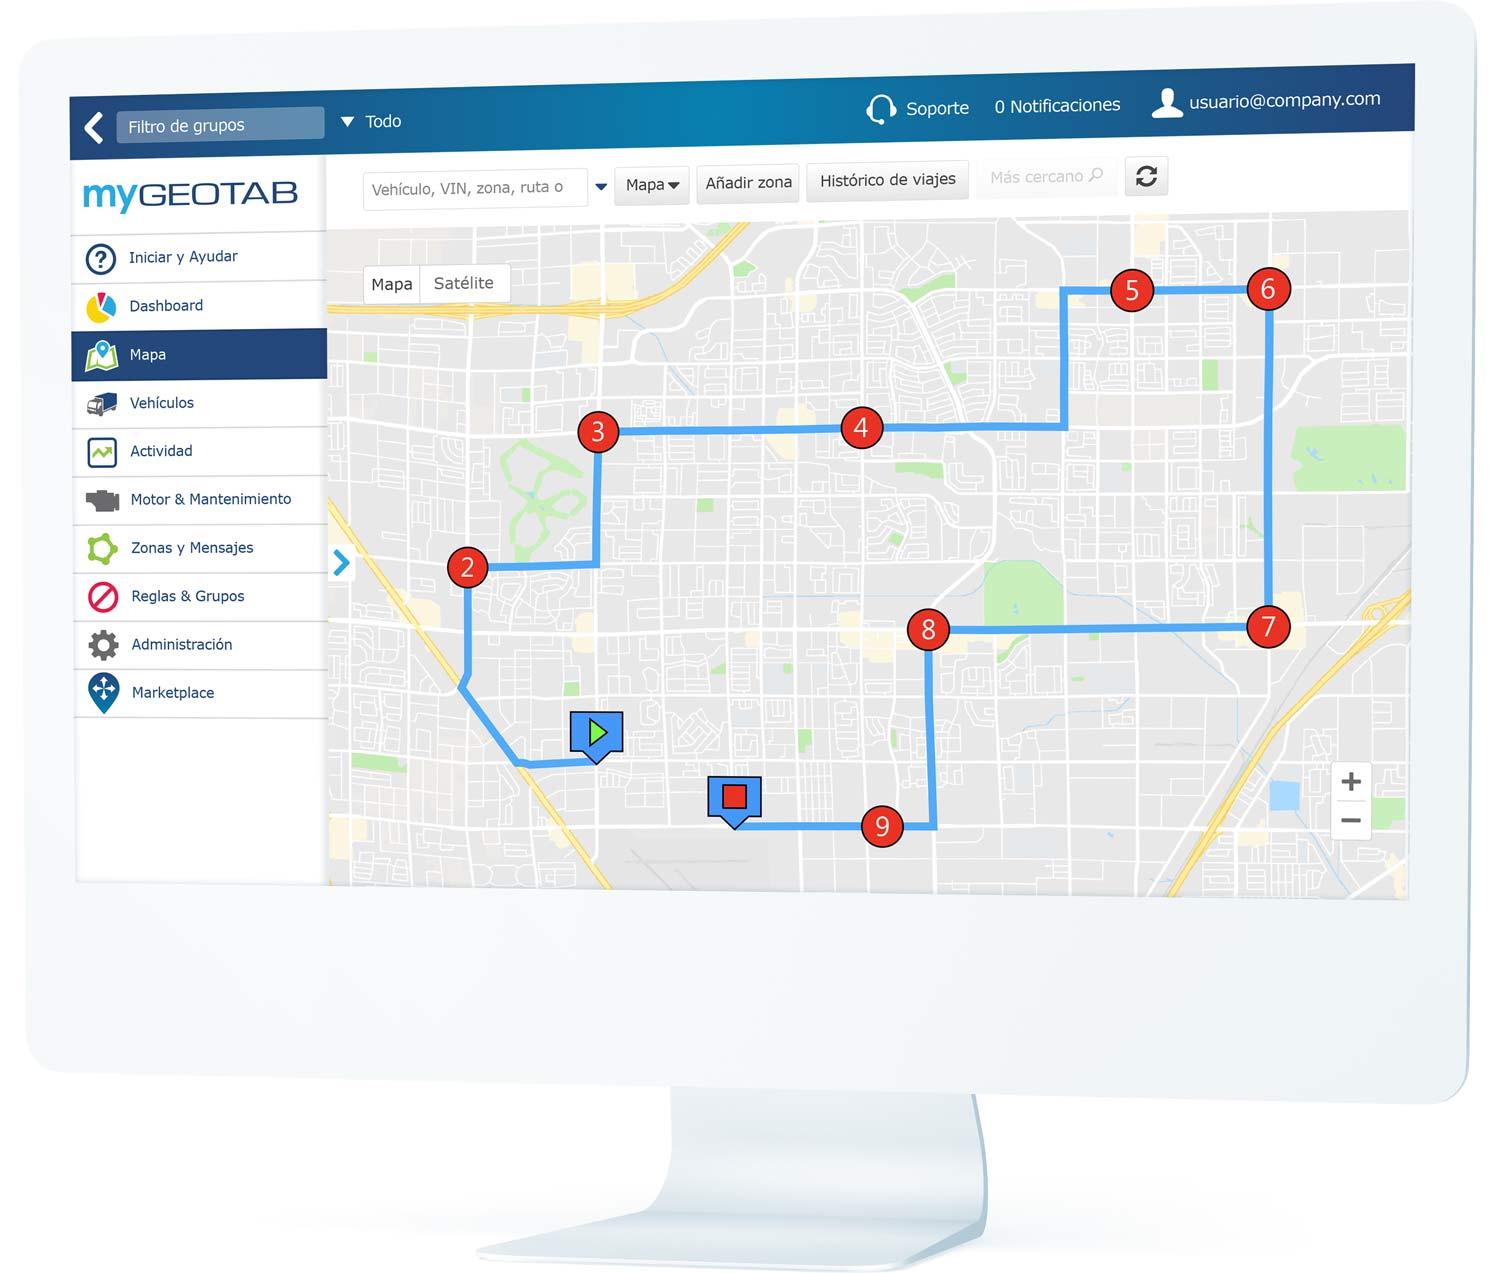 Rutas y paradas planificadas mostradas en la interfaz de usuario de MyGeotab